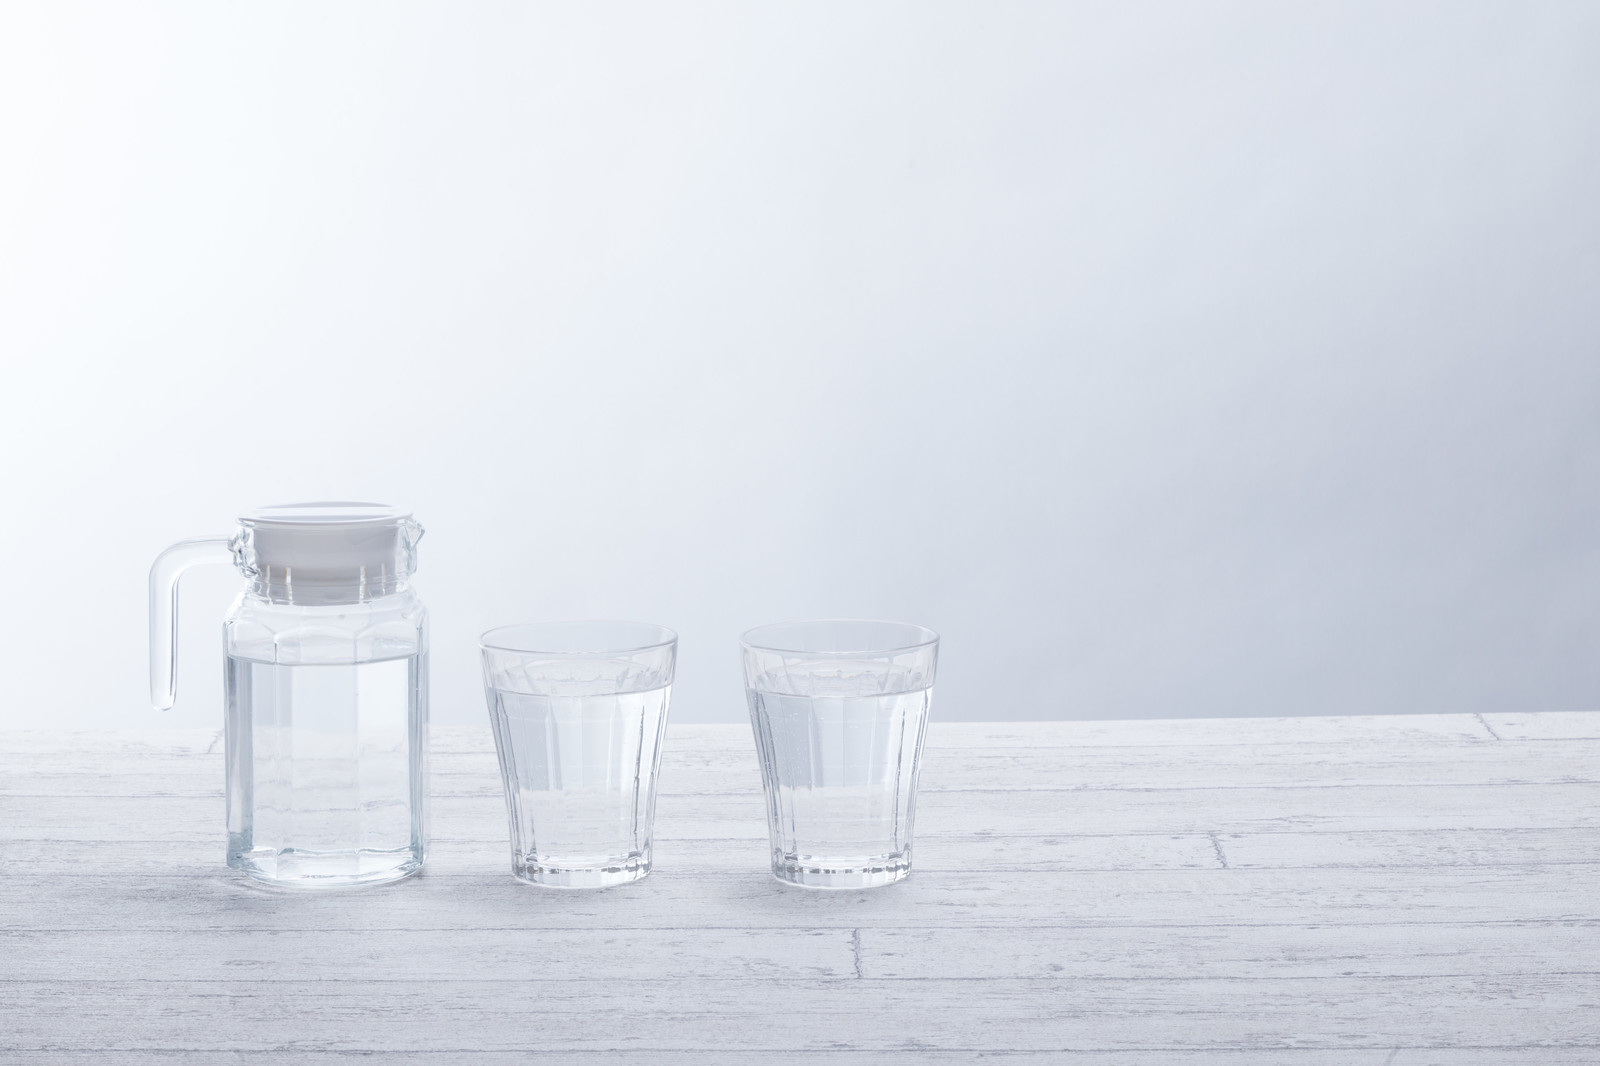 「テーブル上のグラスとポット」